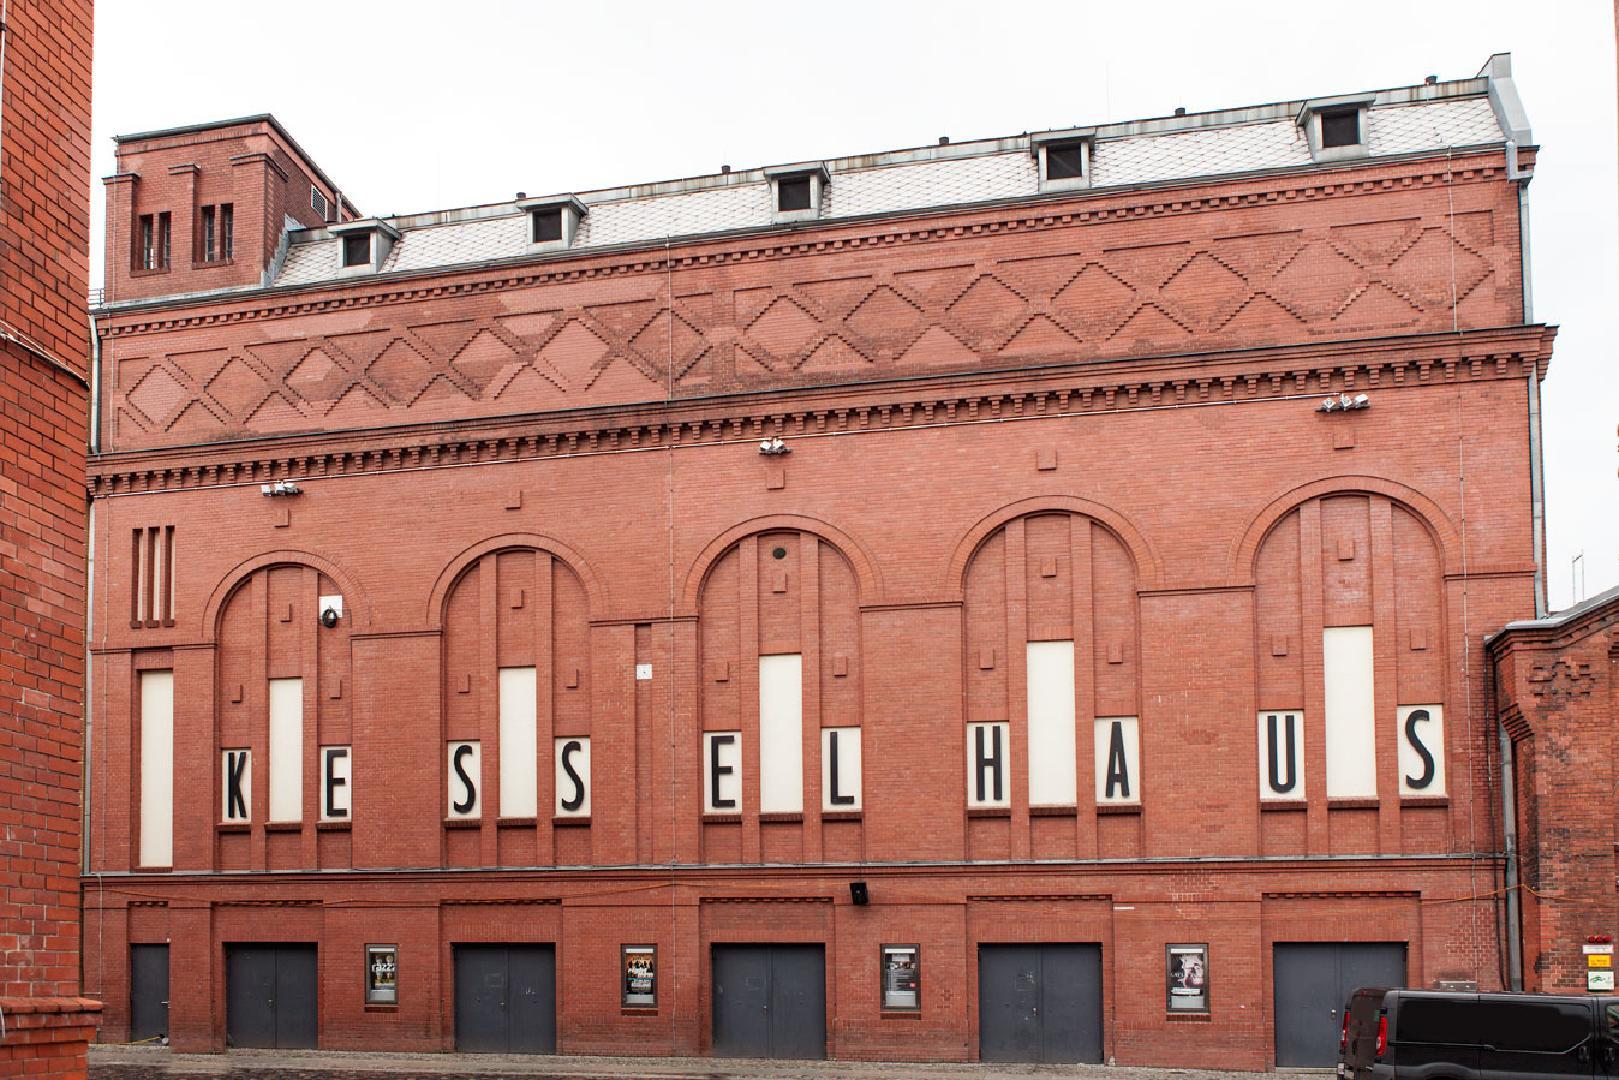 Kesselhaus Fassade